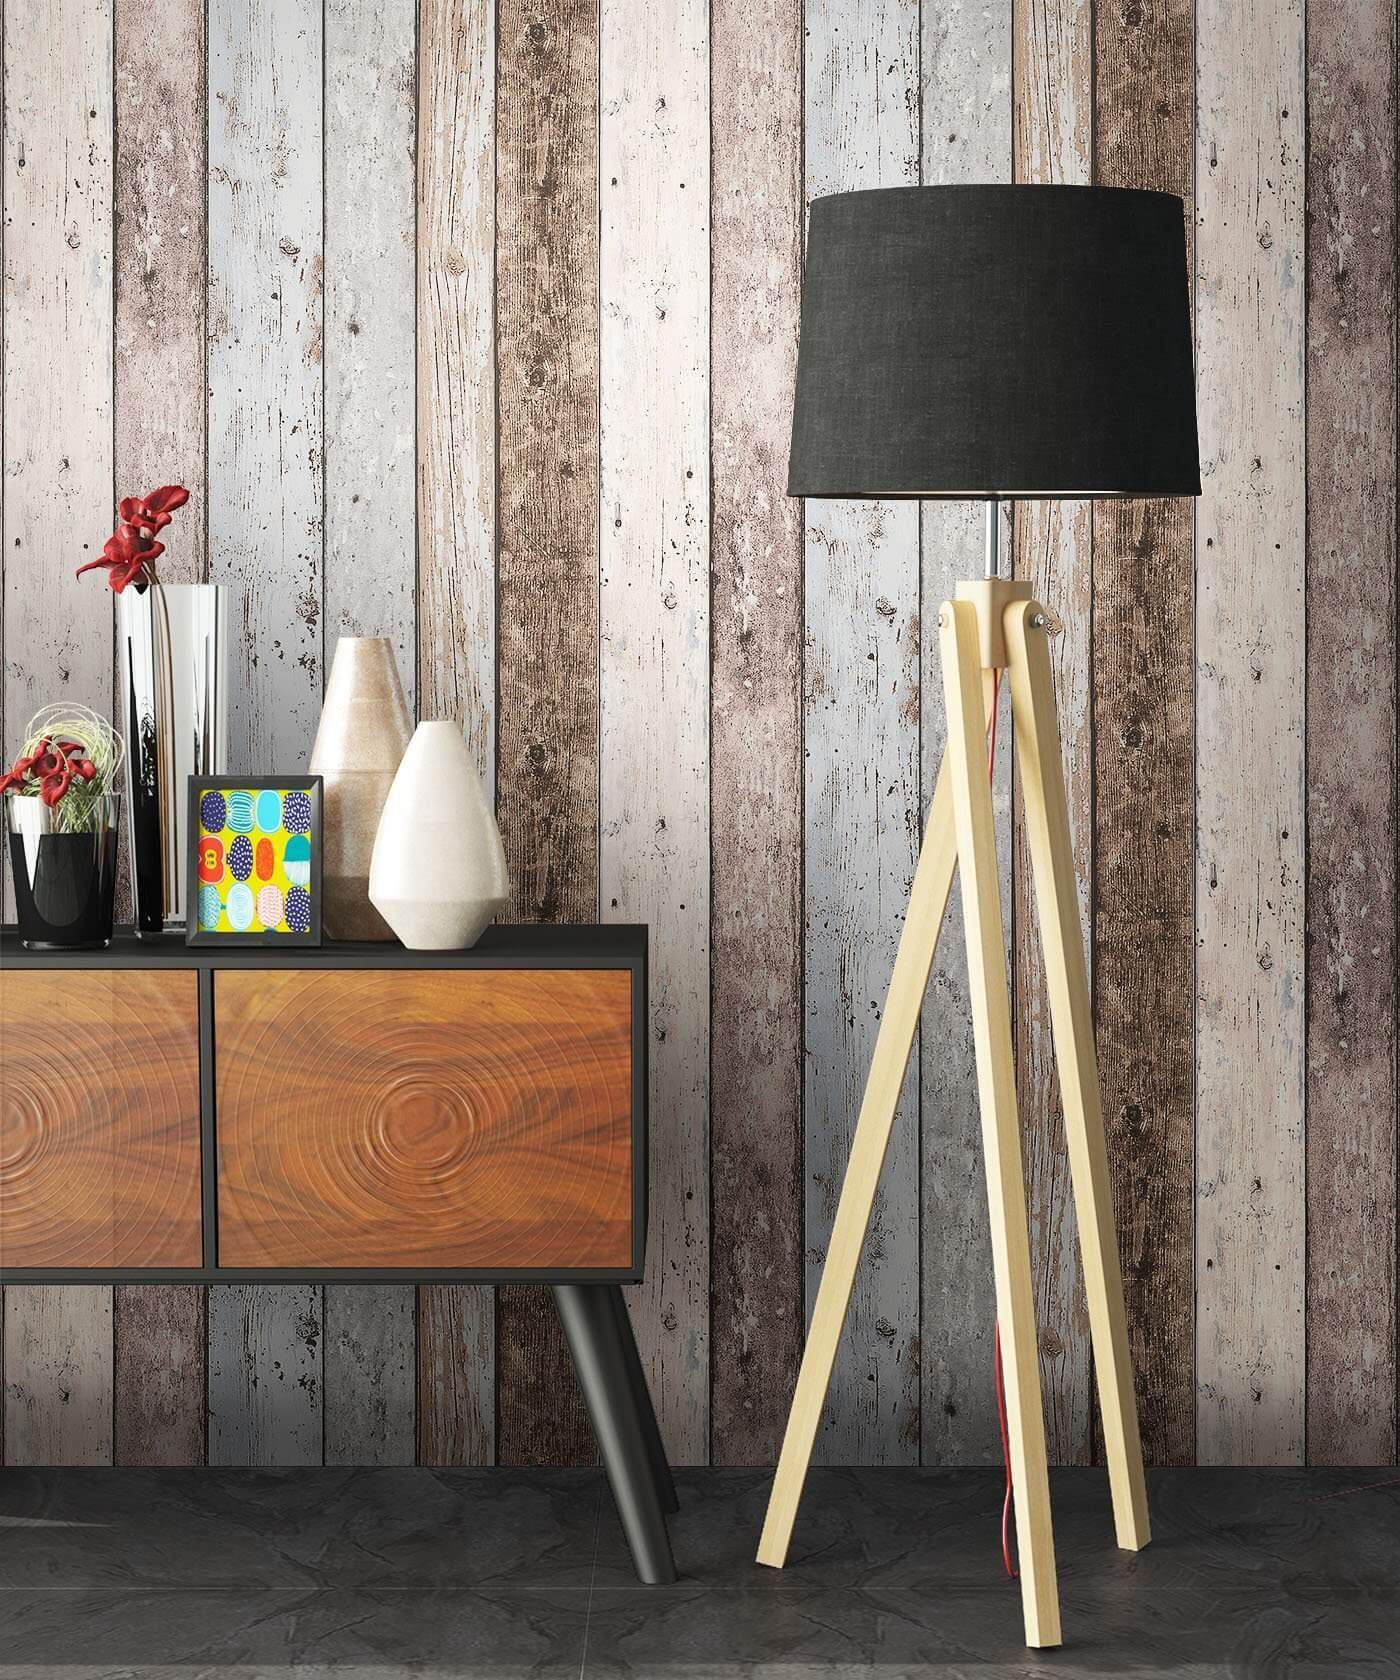 tavara hellblau. Black Bedroom Furniture Sets. Home Design Ideas